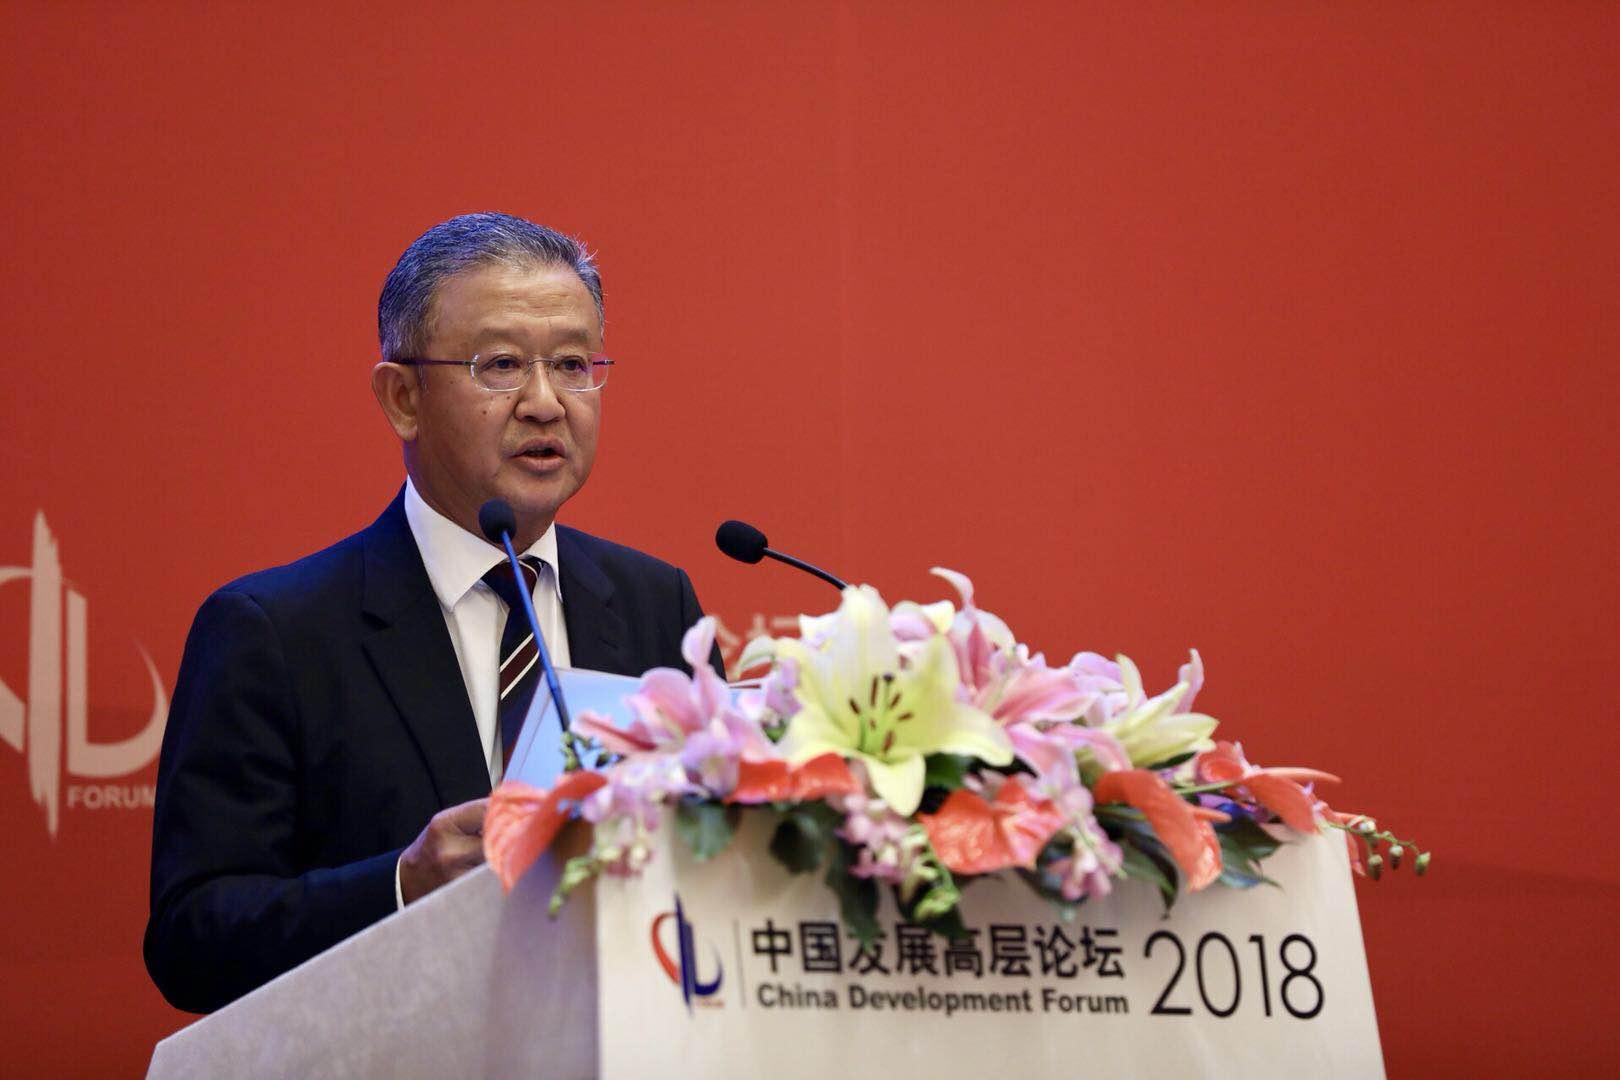 友邦保险控股有限公司集团首席执行官,总裁黄经辉发言